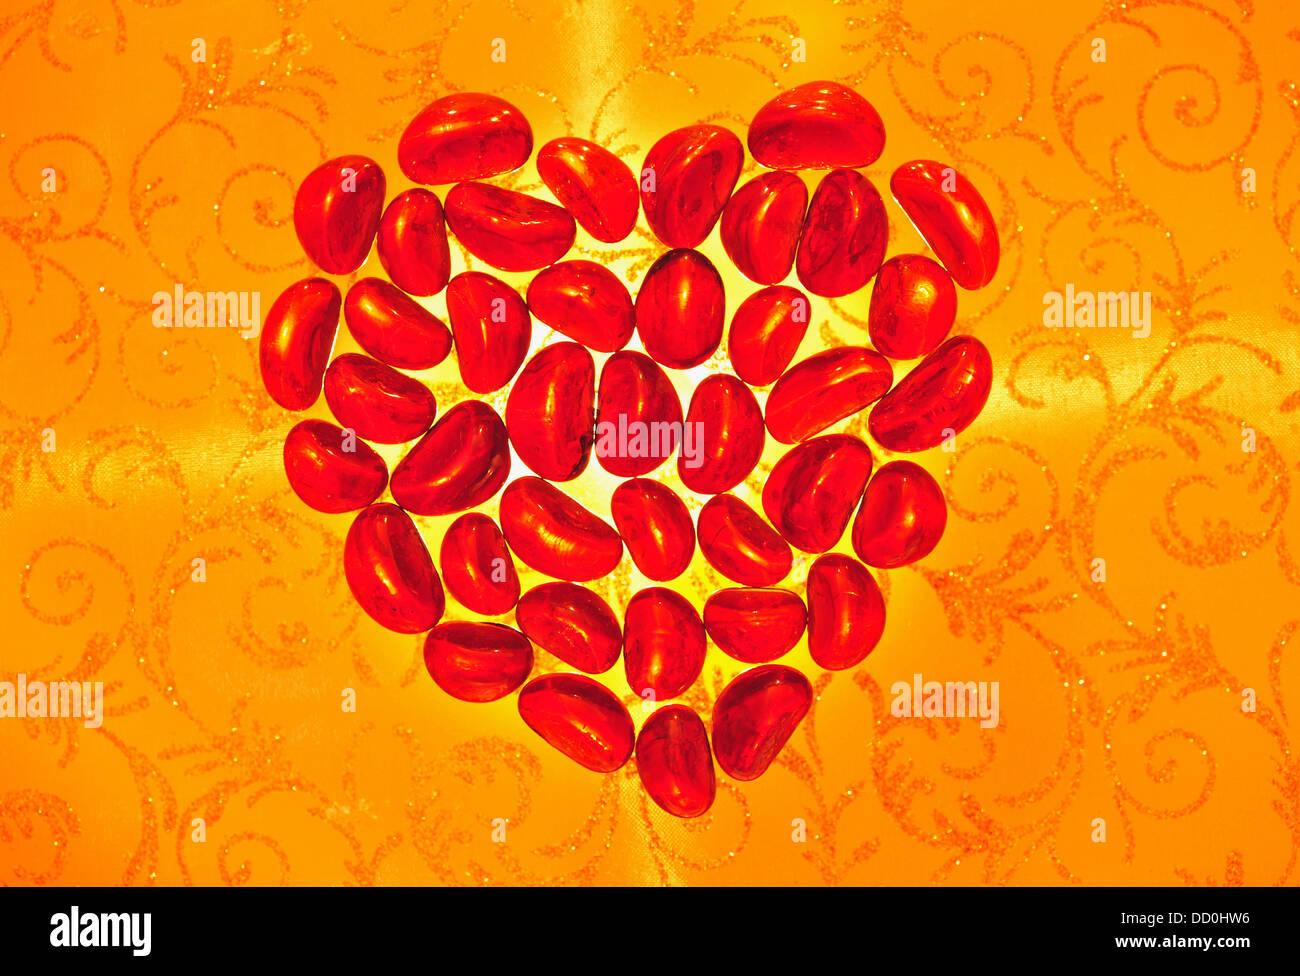 Corazón rojo Imagen De Stock